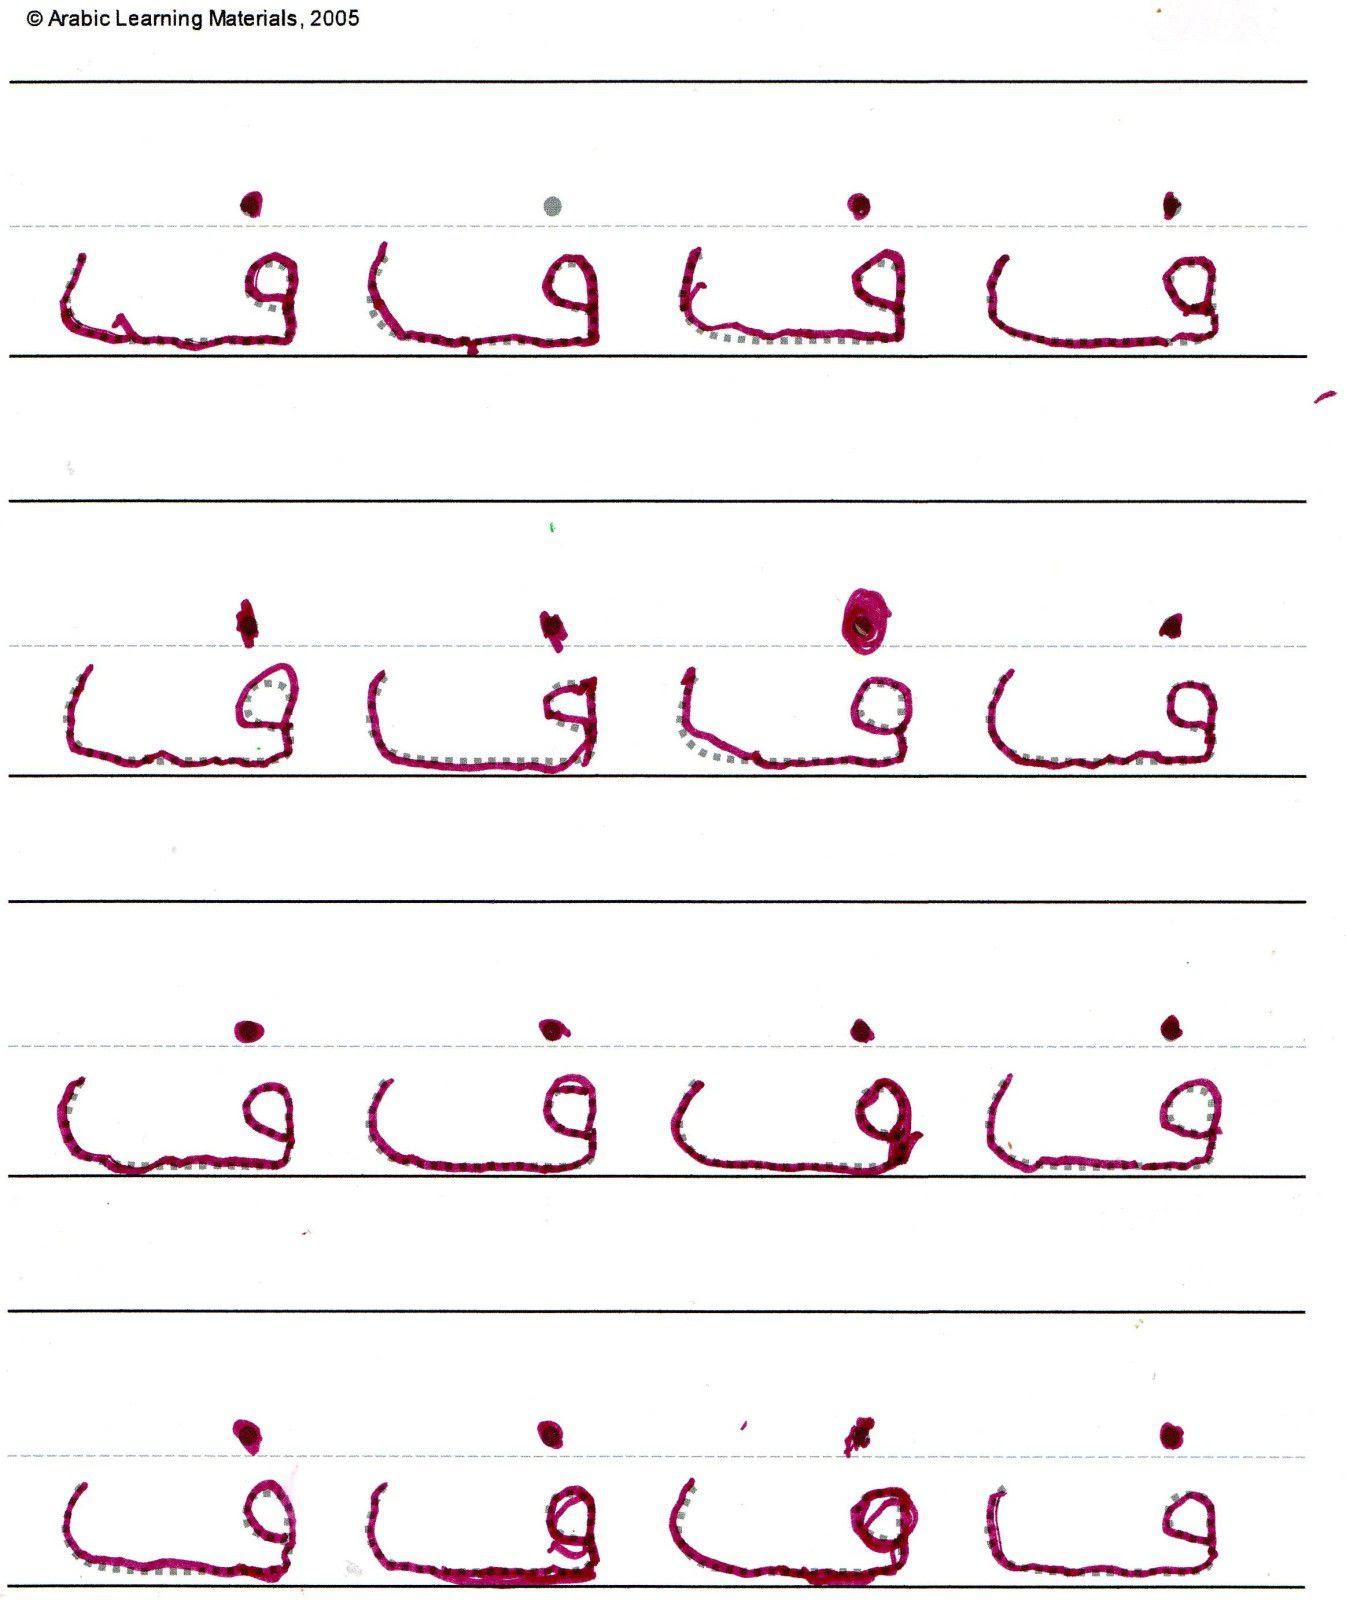 Il y a 2 pages d écritures ac pagée de plusieurs coloriages relatif  la lettre étudiée Nous effectuons le mªme travail pour chaque lettre de l alphabet